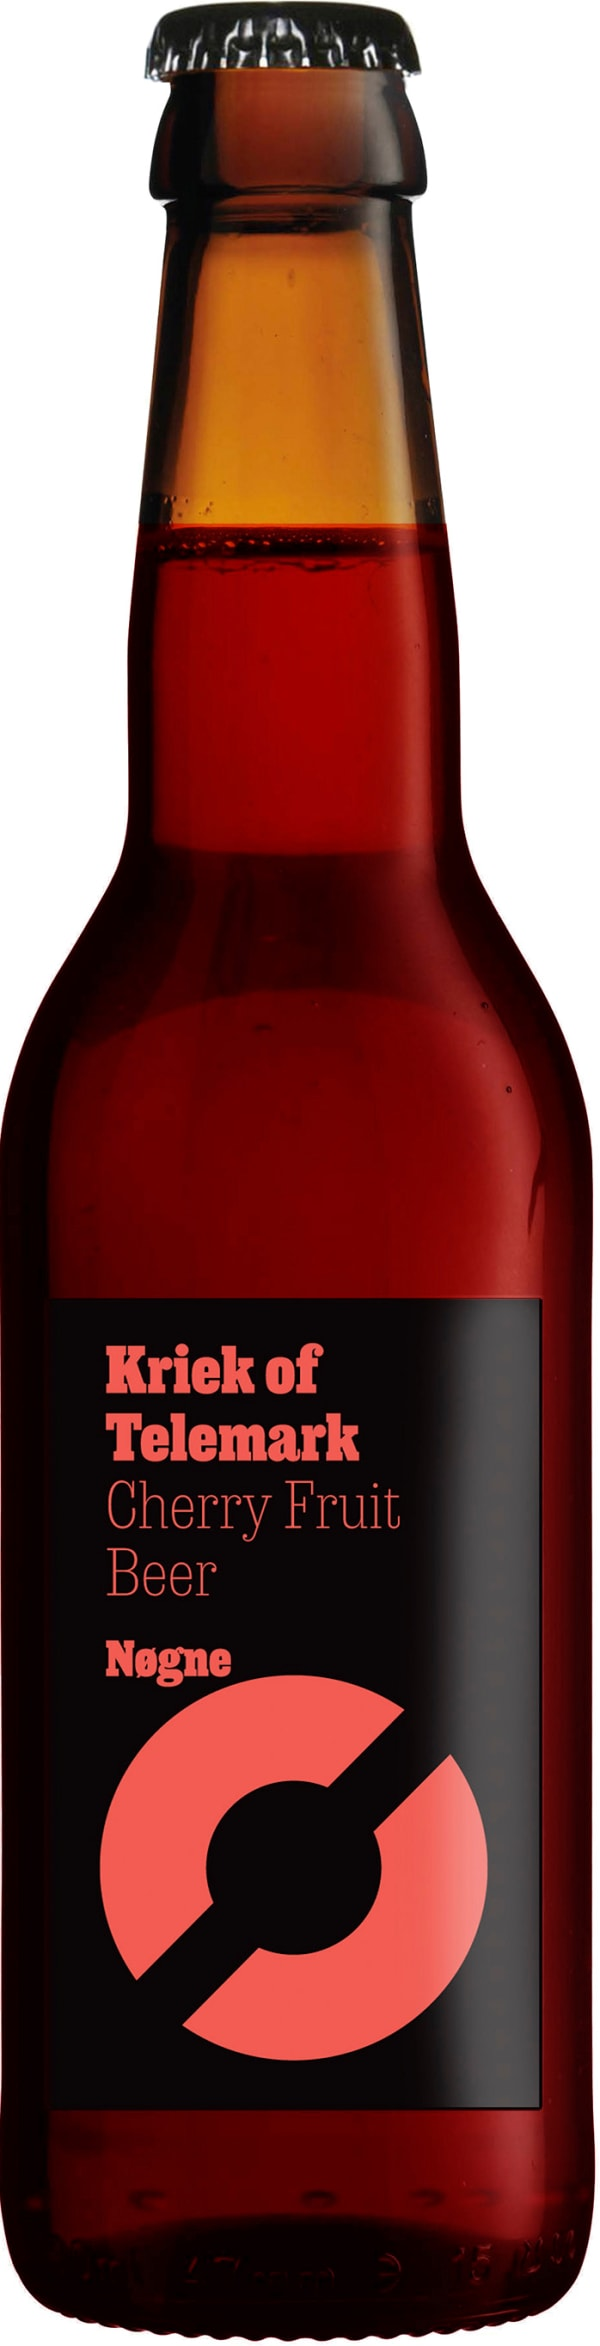 Nøgne Ø Kriek Of Telemark